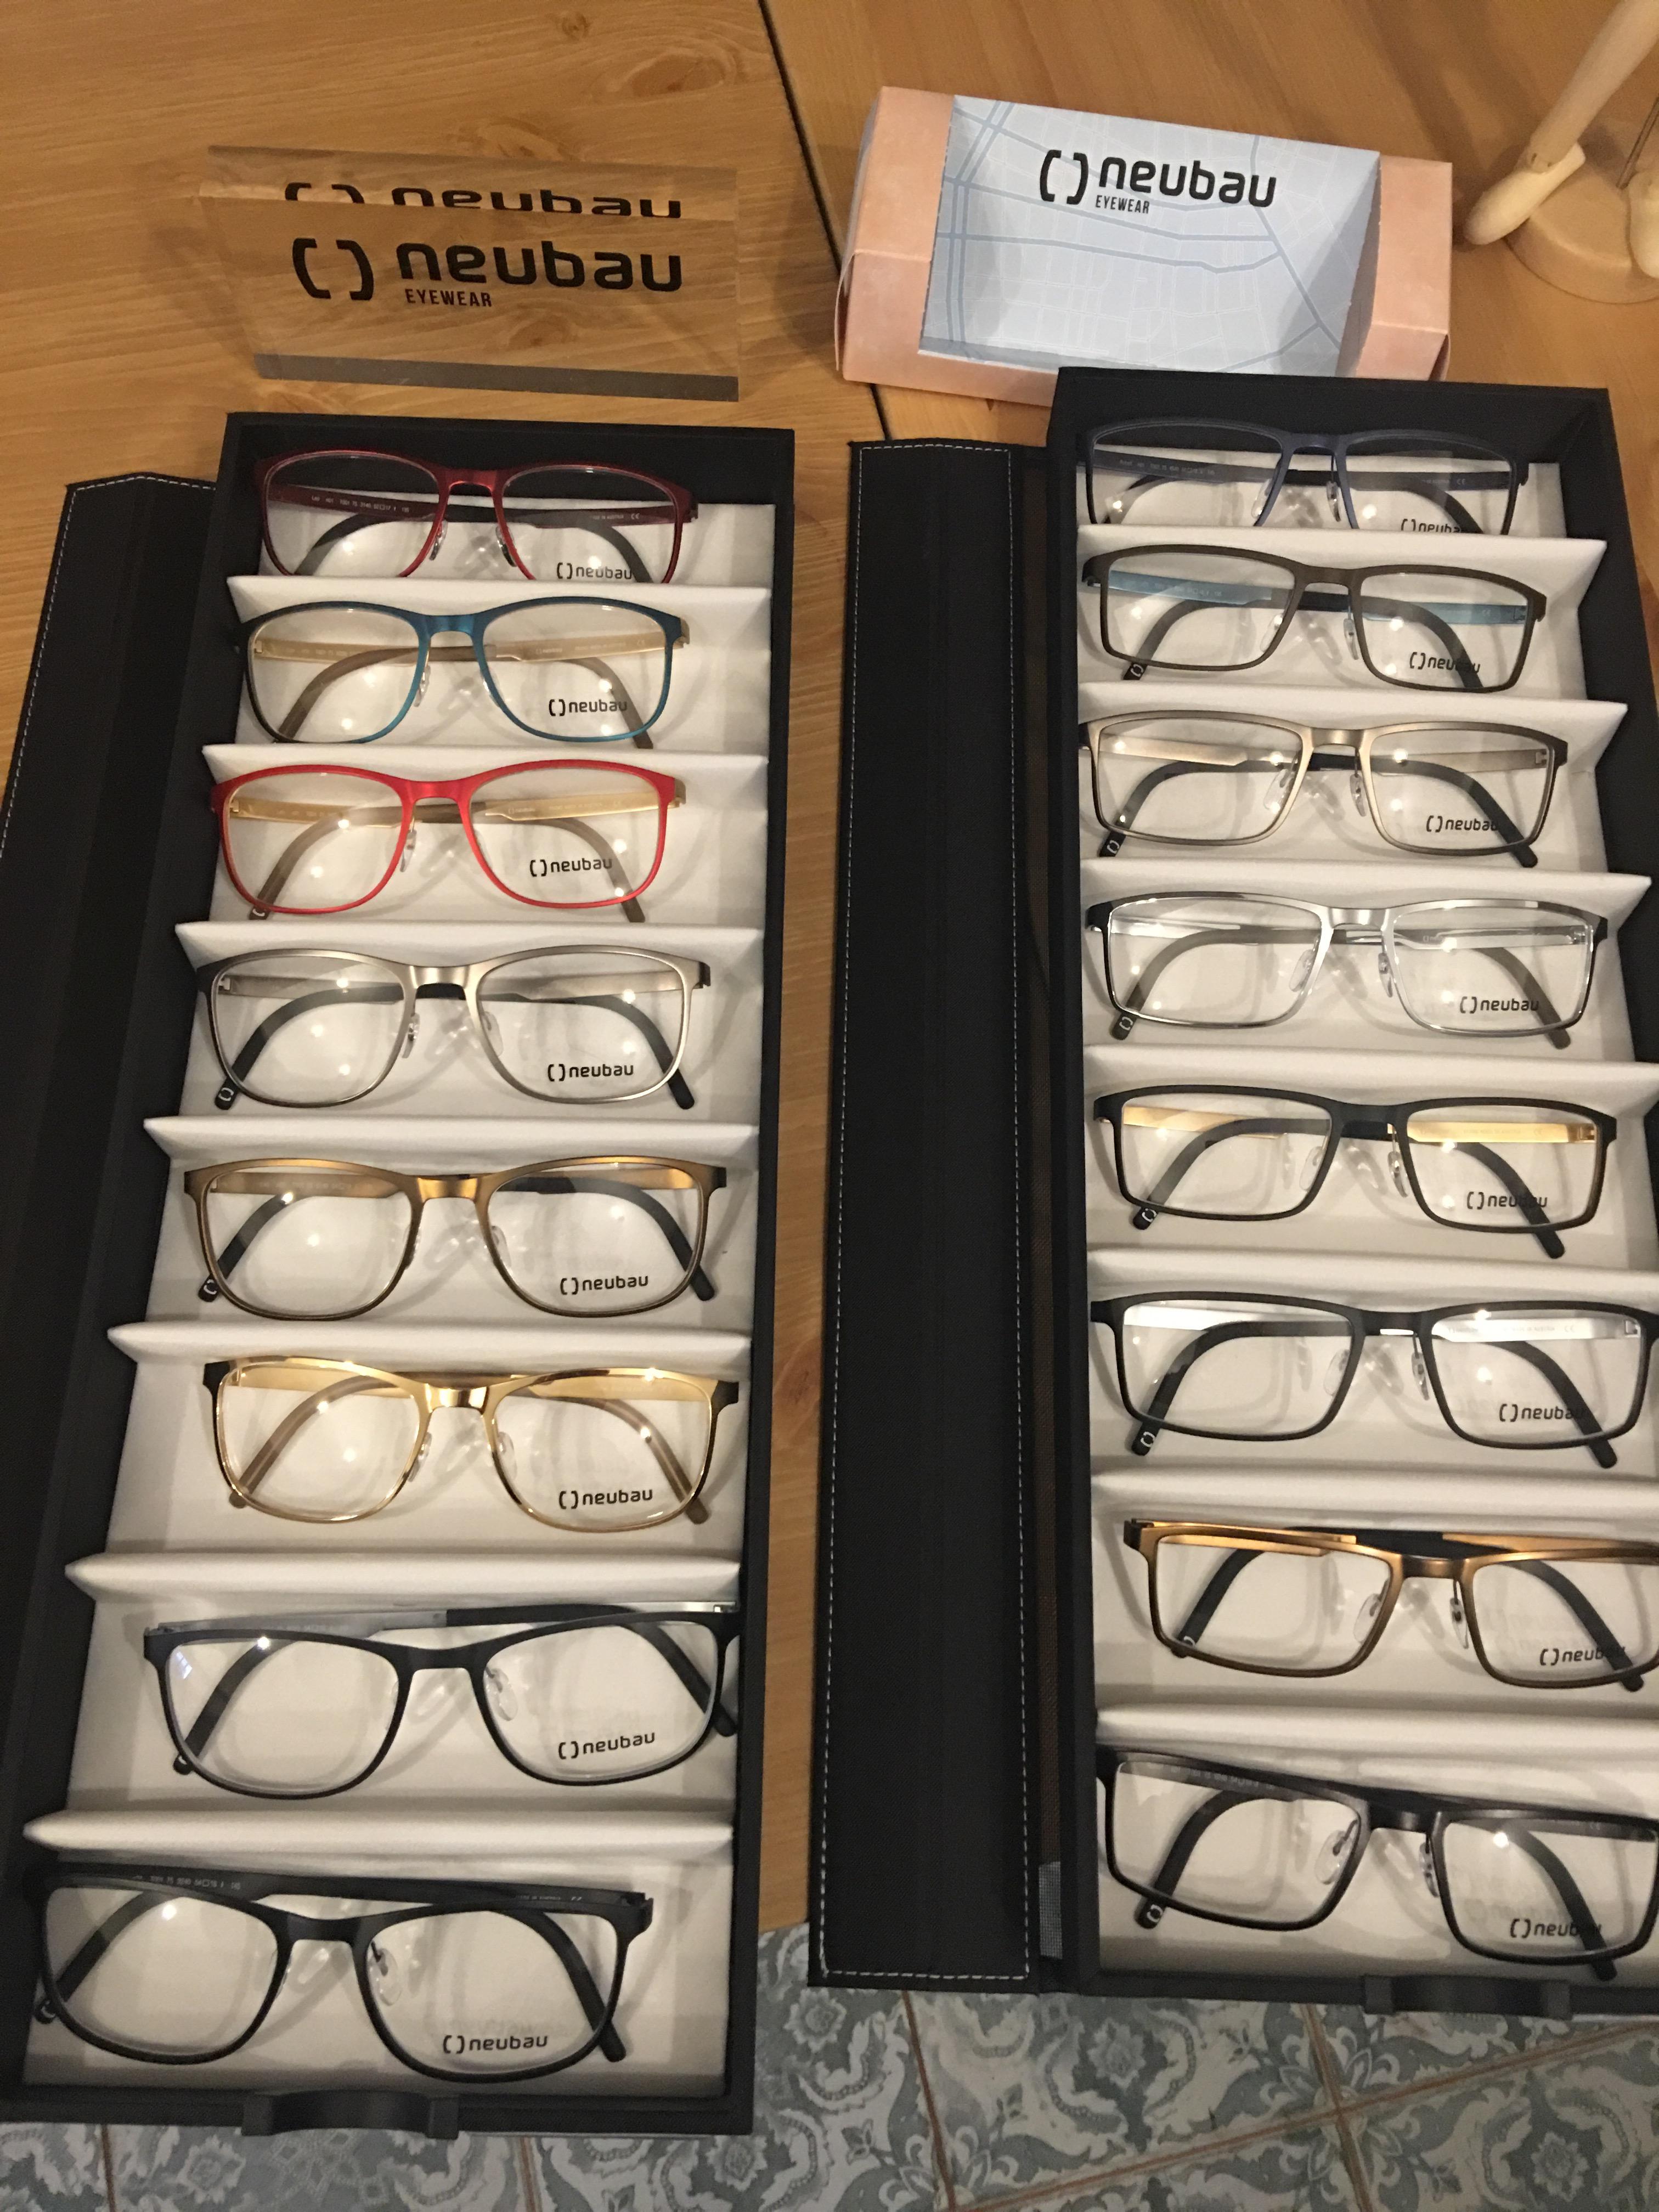 zenitude-profonde-lunettes-neubau